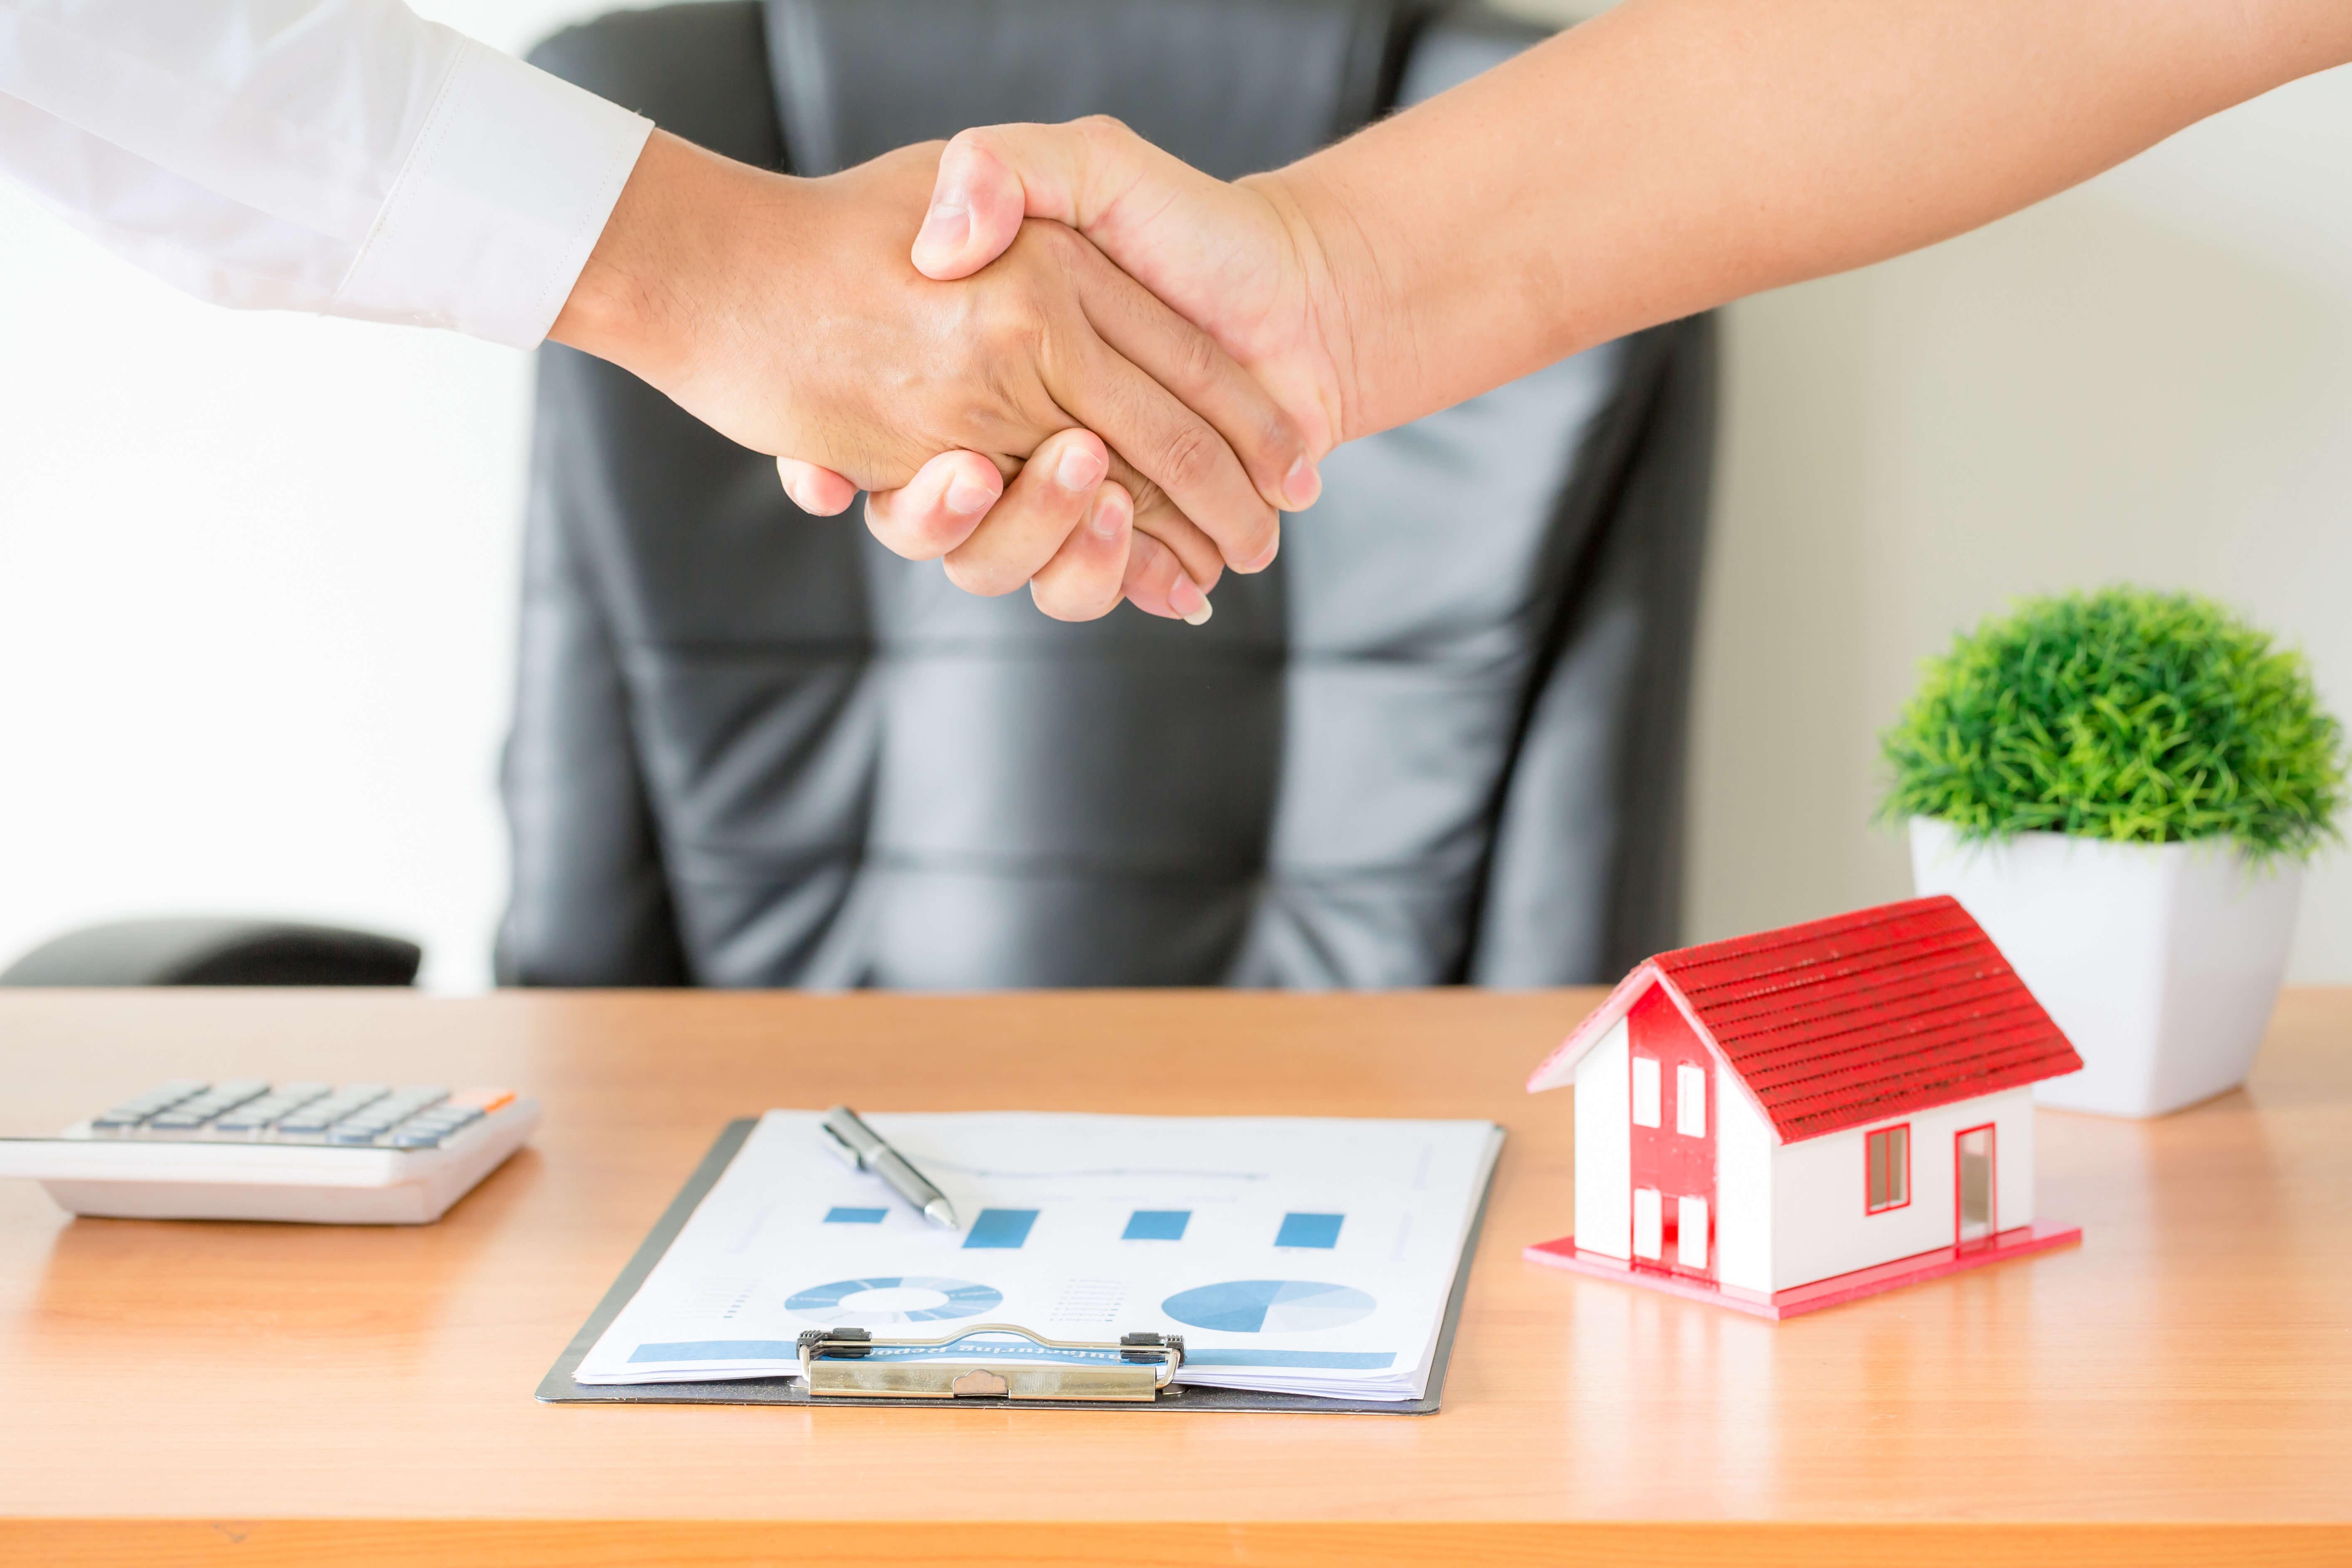 reconducción tácita del contrato de arrendamiento